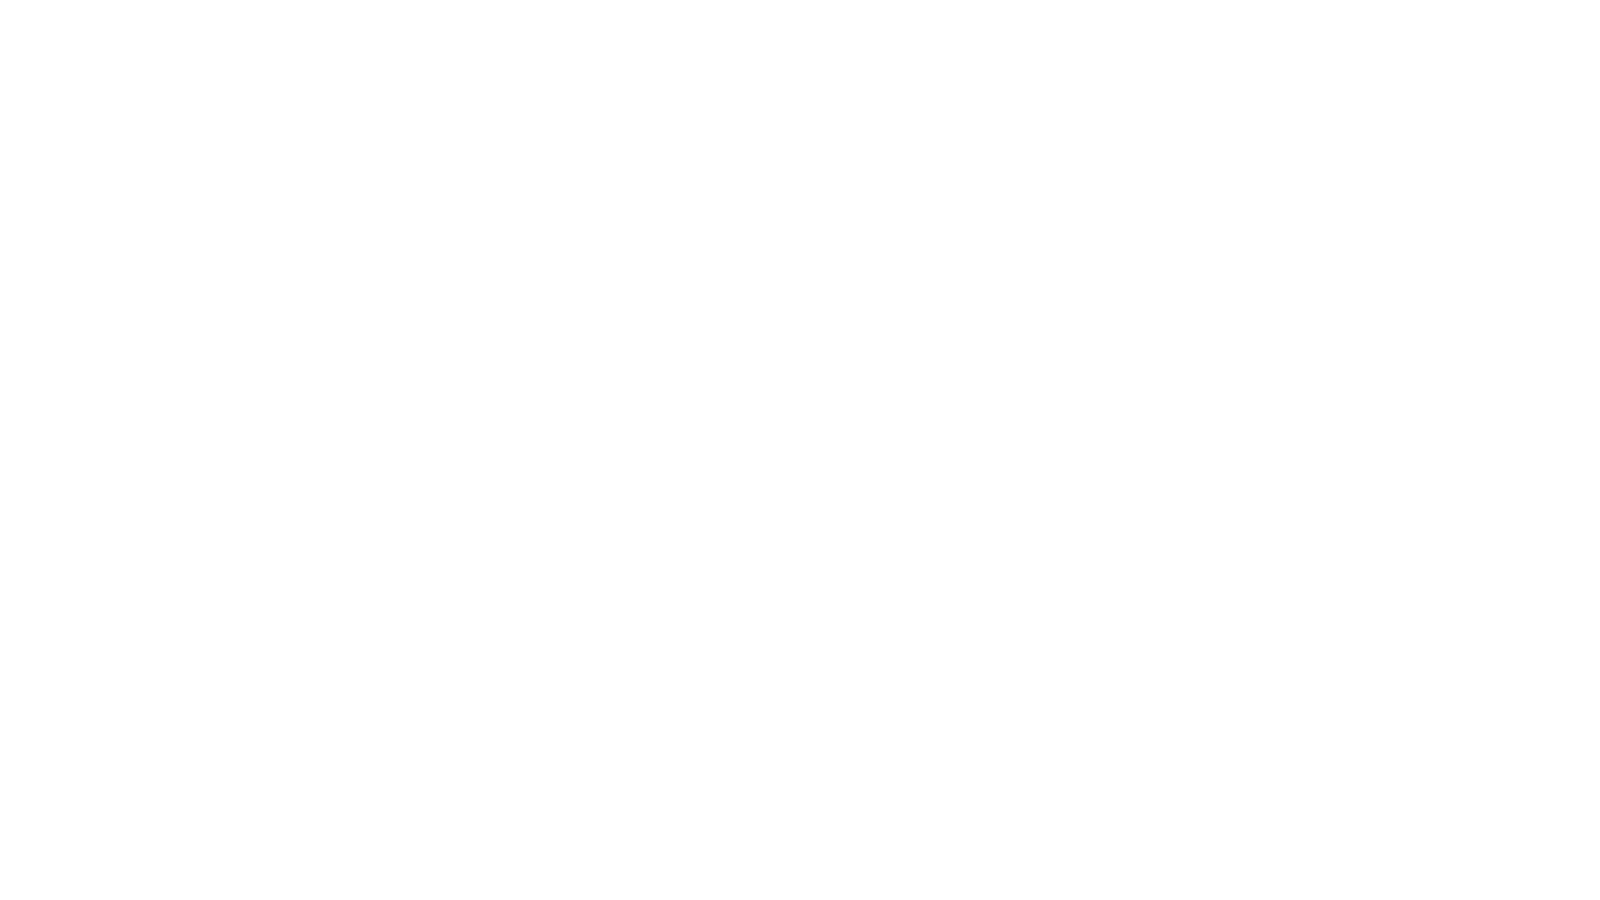 Hoy queremos compartir un segmento de nuestra conferencia presentada en los meses pasados donde la abogada Maria Virginia Betancourt explica las herramientas que actualmente ofrece la ley para su empresa en esta época de reactivación económica.   Ley 116 de 2006, Decreto 560 de 2020 y Decreto 772 de 2020.  Márgenes - Banca de Inversión - Estamos listos para apoyarle en los retos financieros y jurídicos de su empresa de cara a la reactivación. Contáctenos  www.margenes.com.co